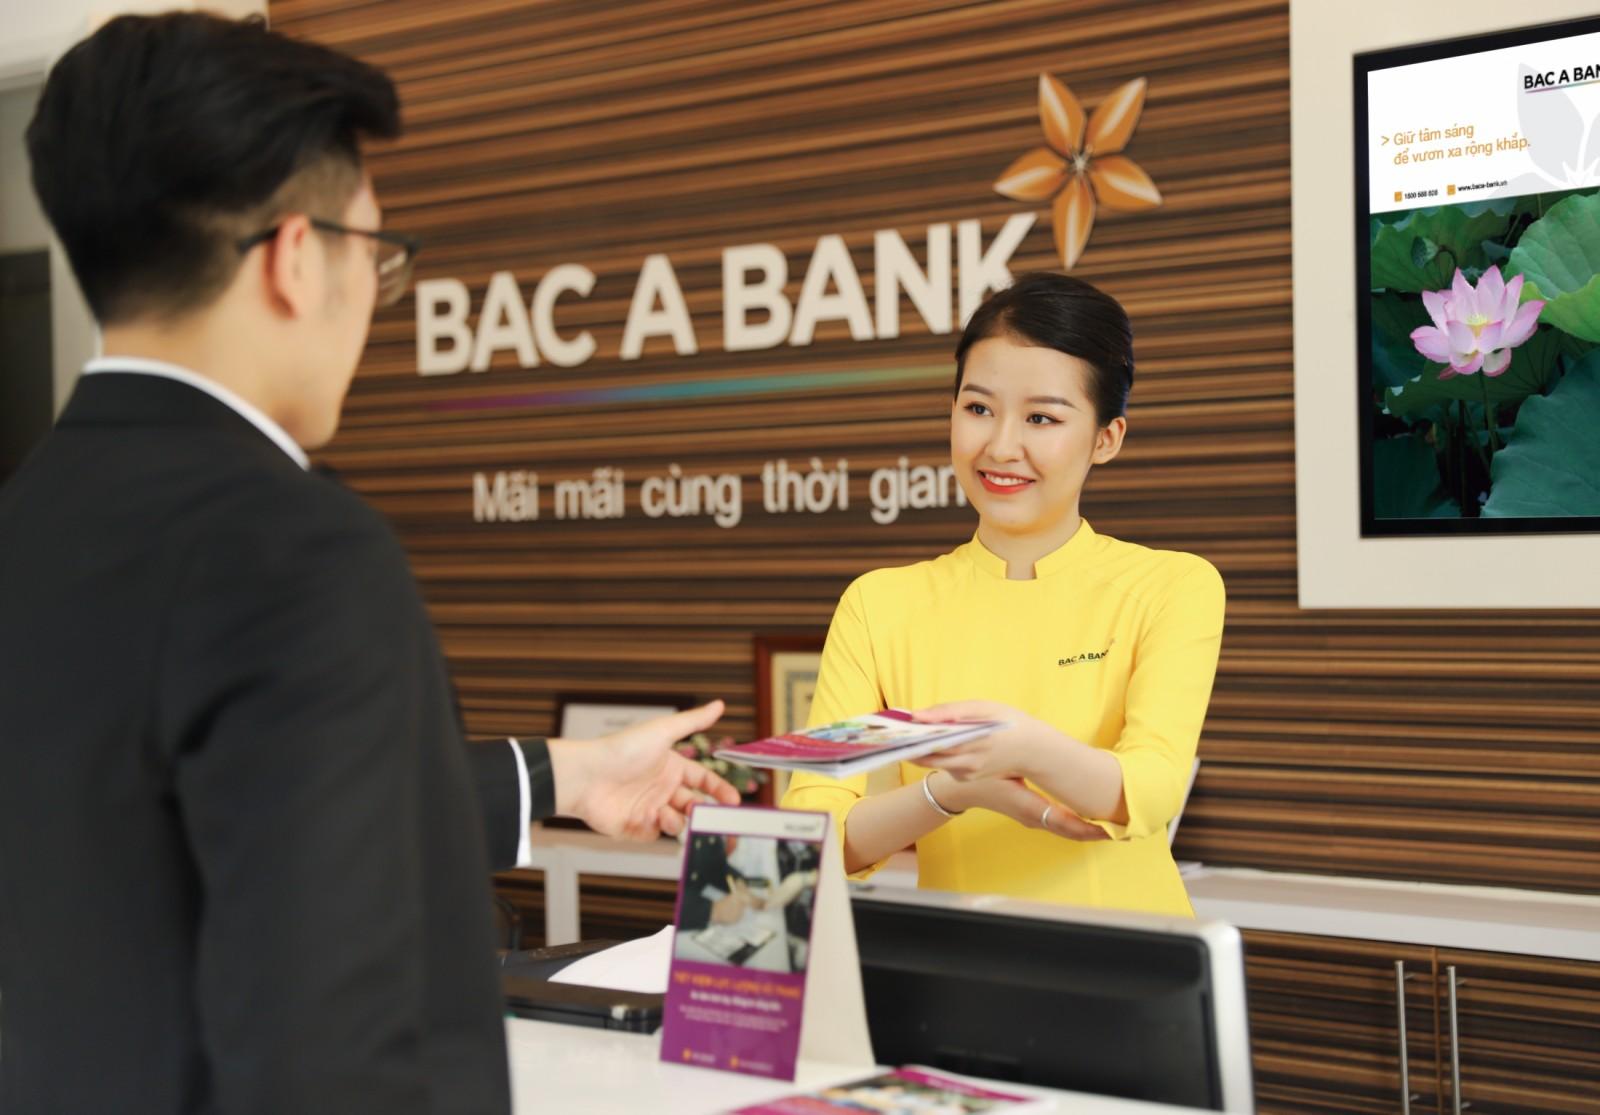 Bac A Bank: Tín dụng tăng trưởng âm 1,62%, nợ xấu và lợi nhuận vẫn tăng - Ảnh 2.